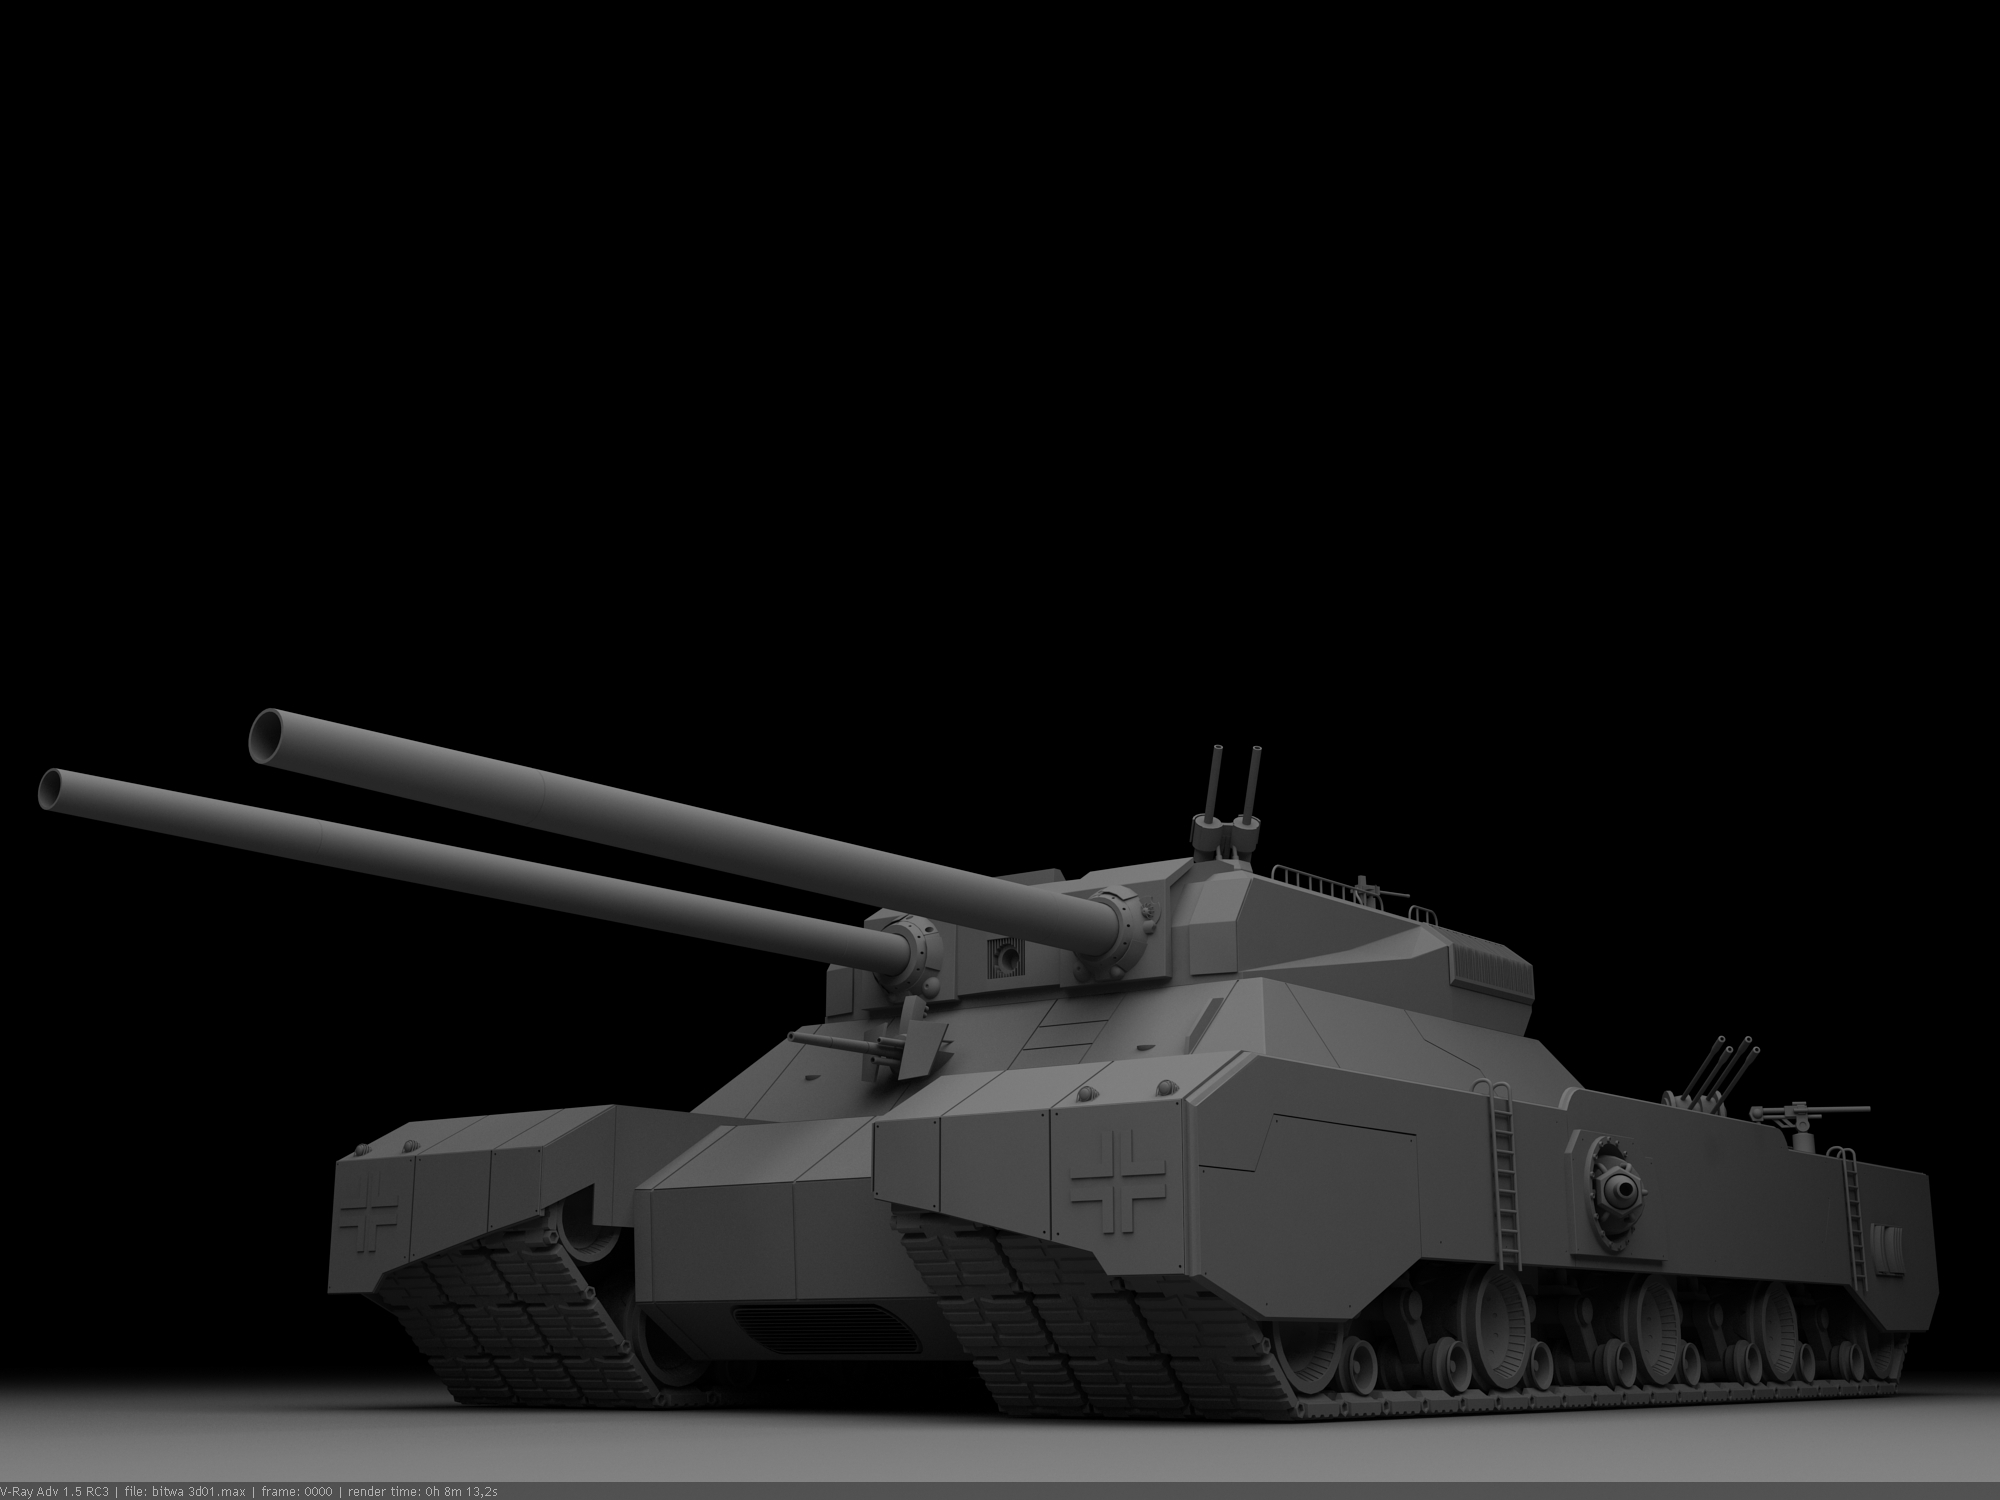 Фотография Танки Landkreuzer P.1000 Ratte Серый 3D Графика Армия